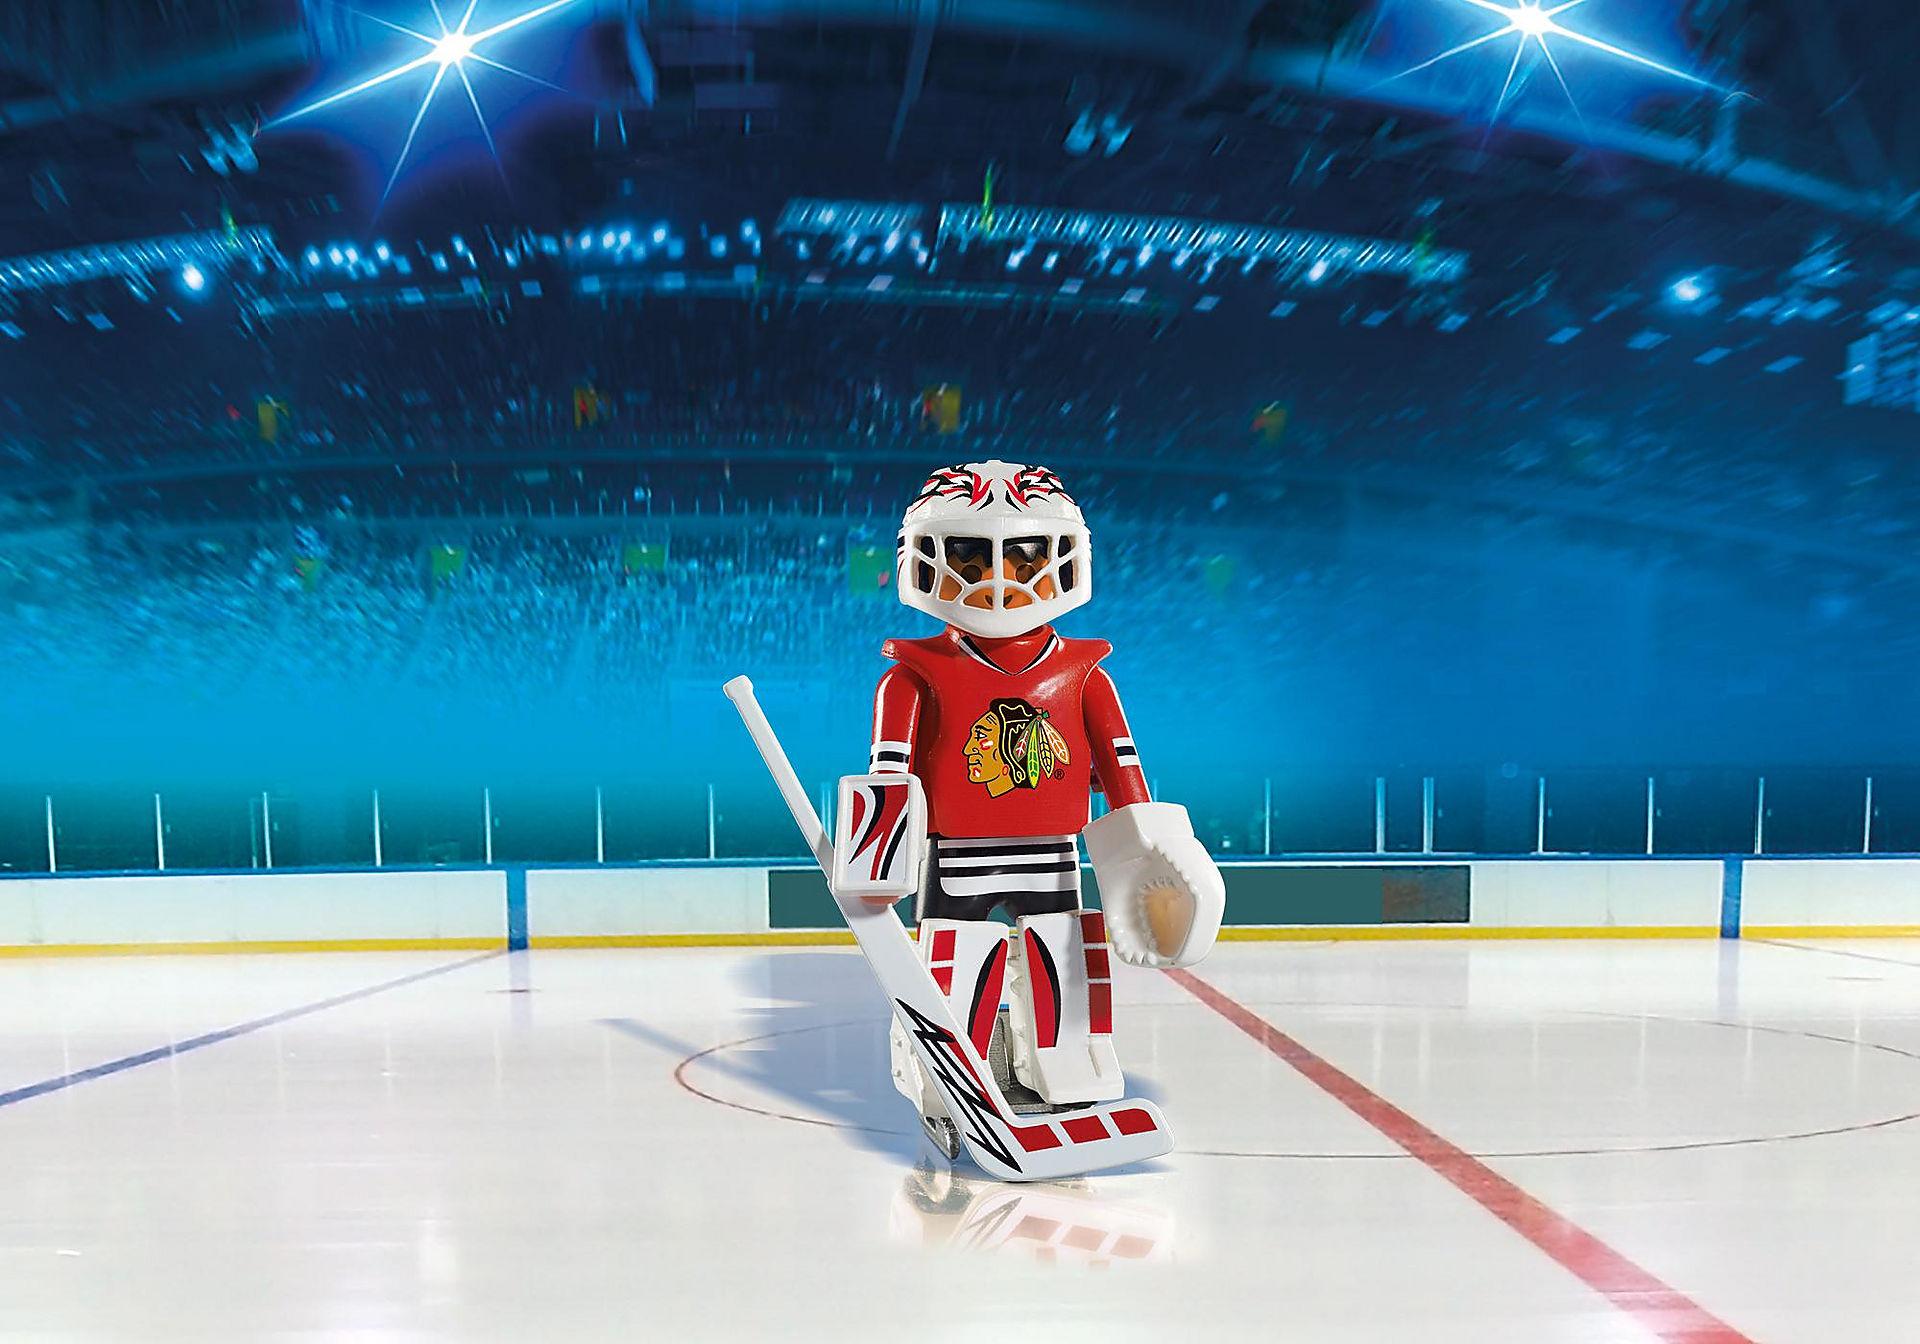 5074 NHL™ Chicago Blackhawks™ Goalie zoom image1